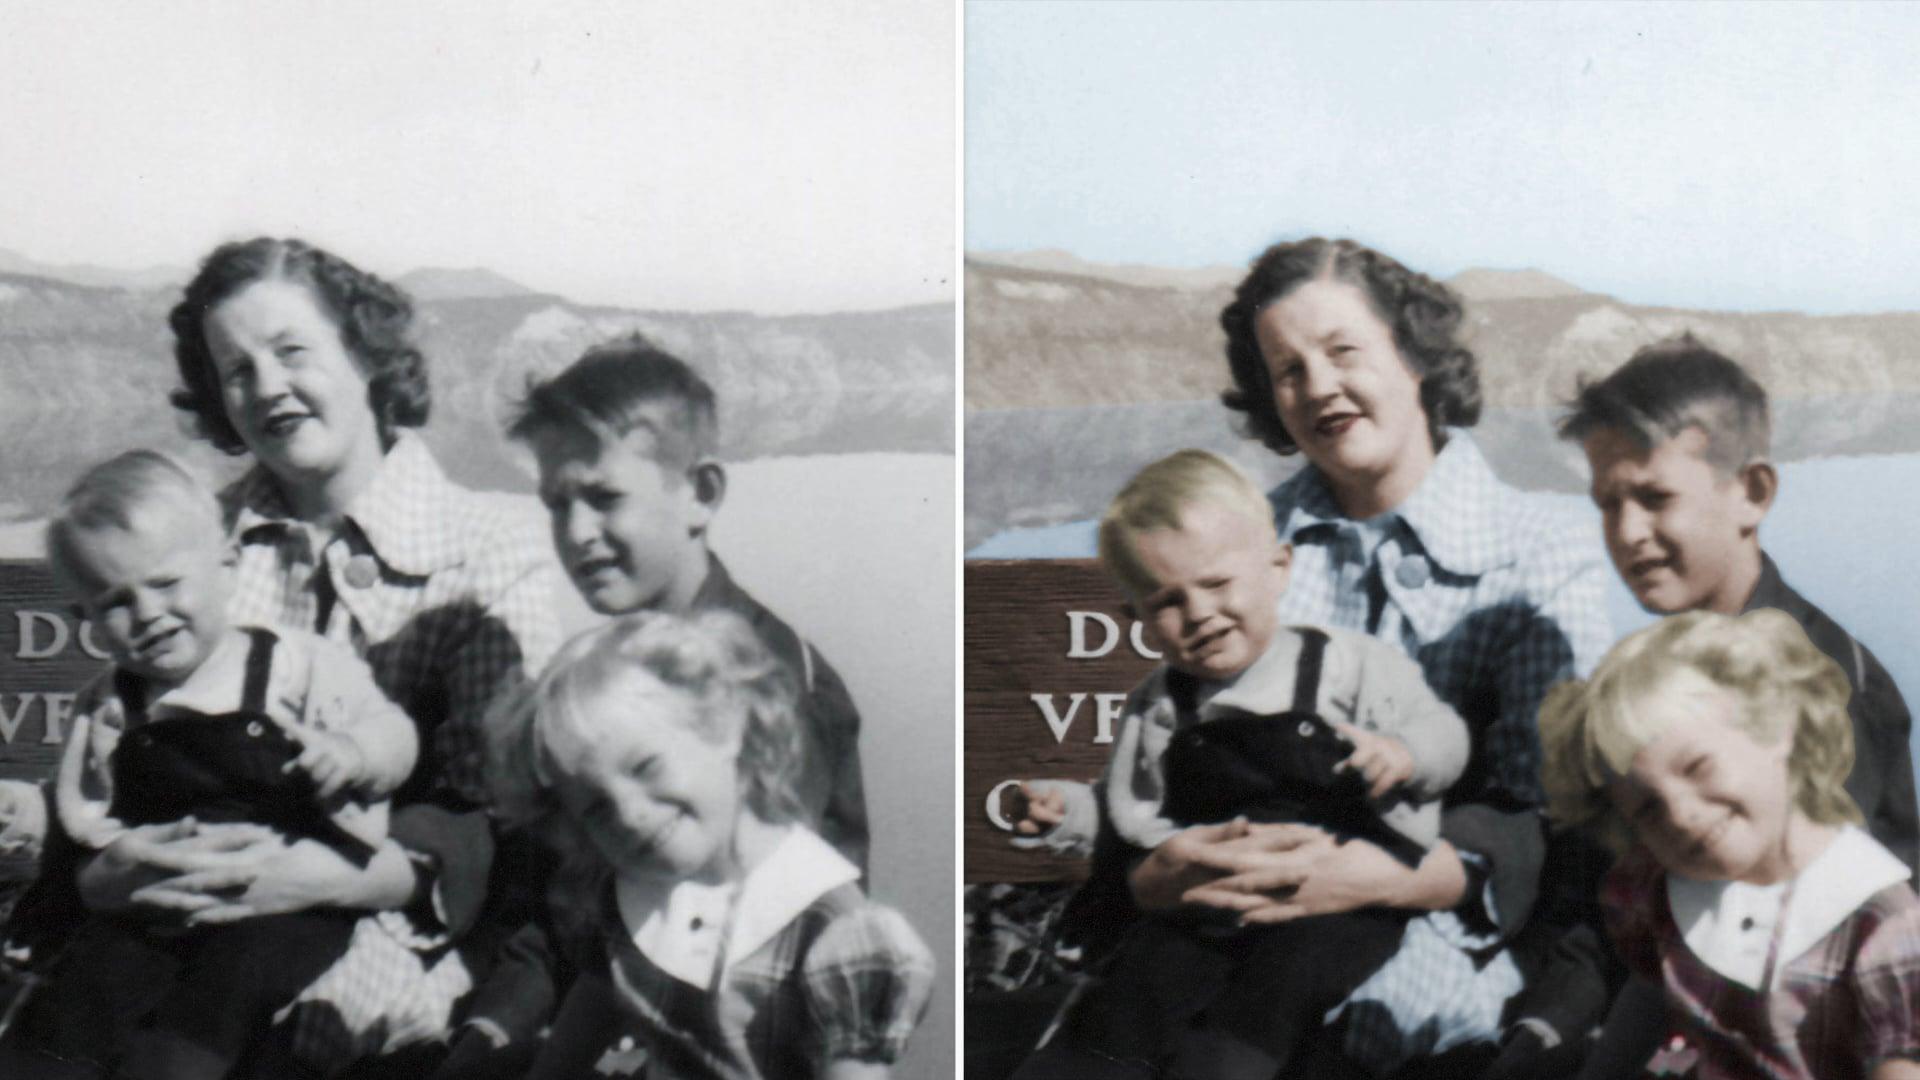 Black and White Photo Colorization